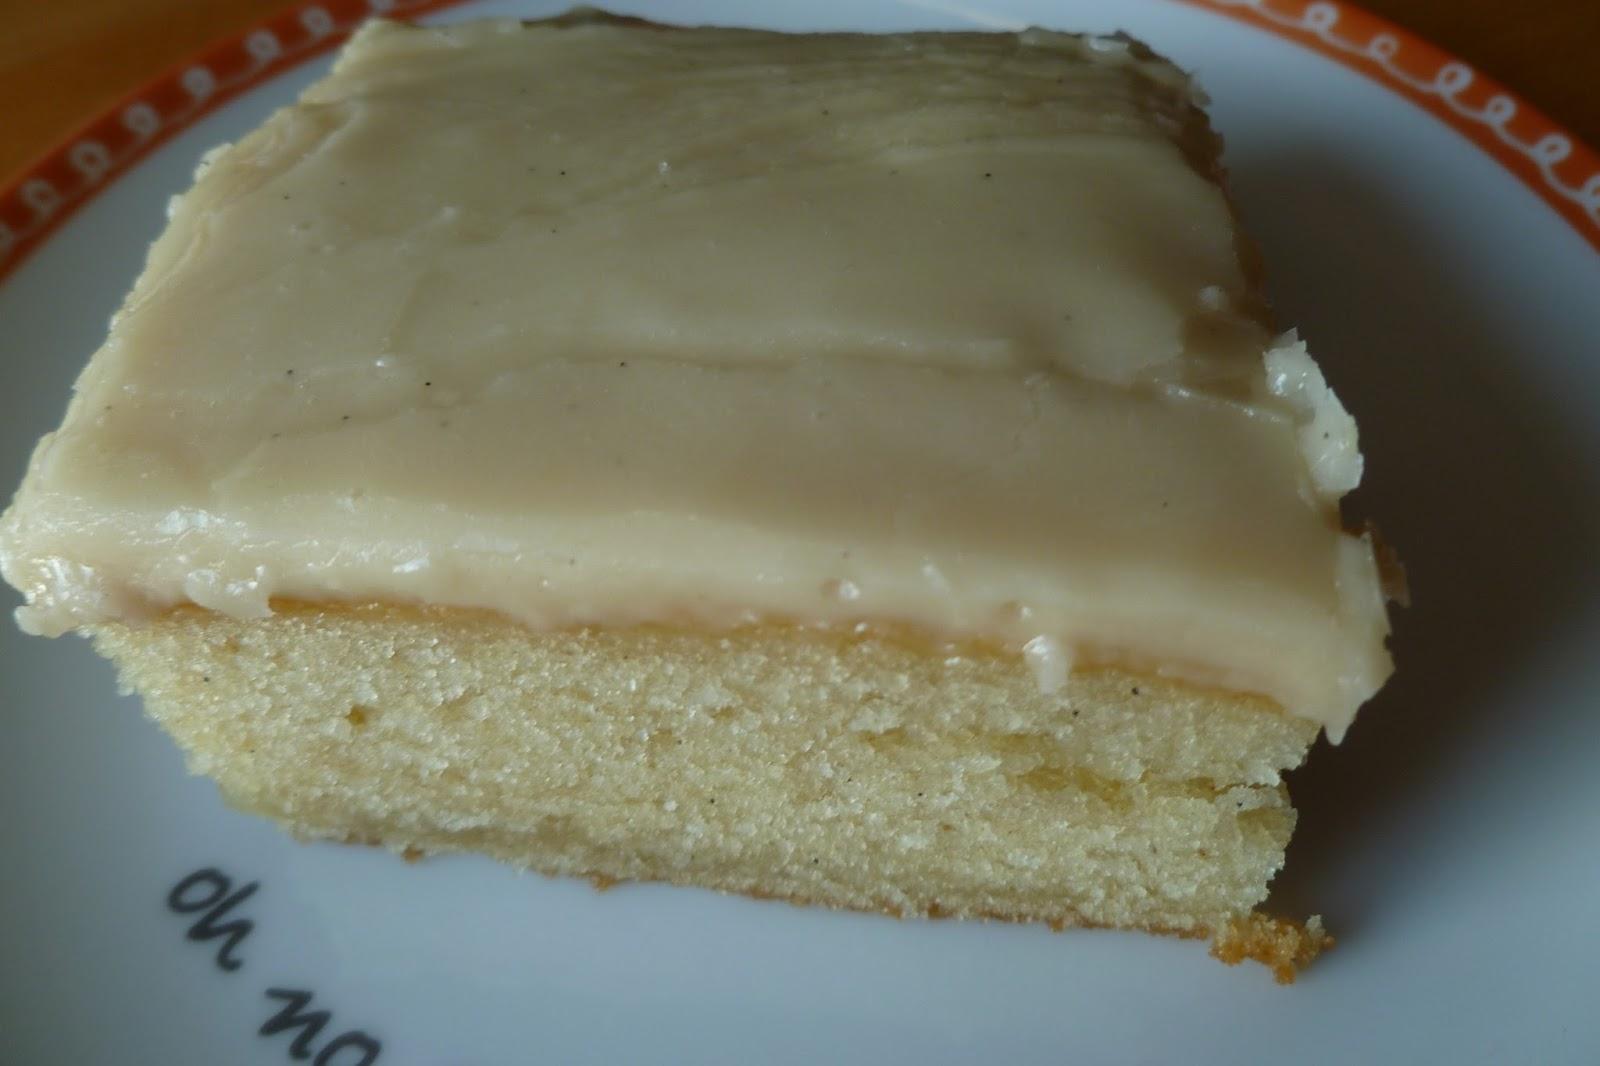 Texas Sheet Cake Recipe With Sour Cream